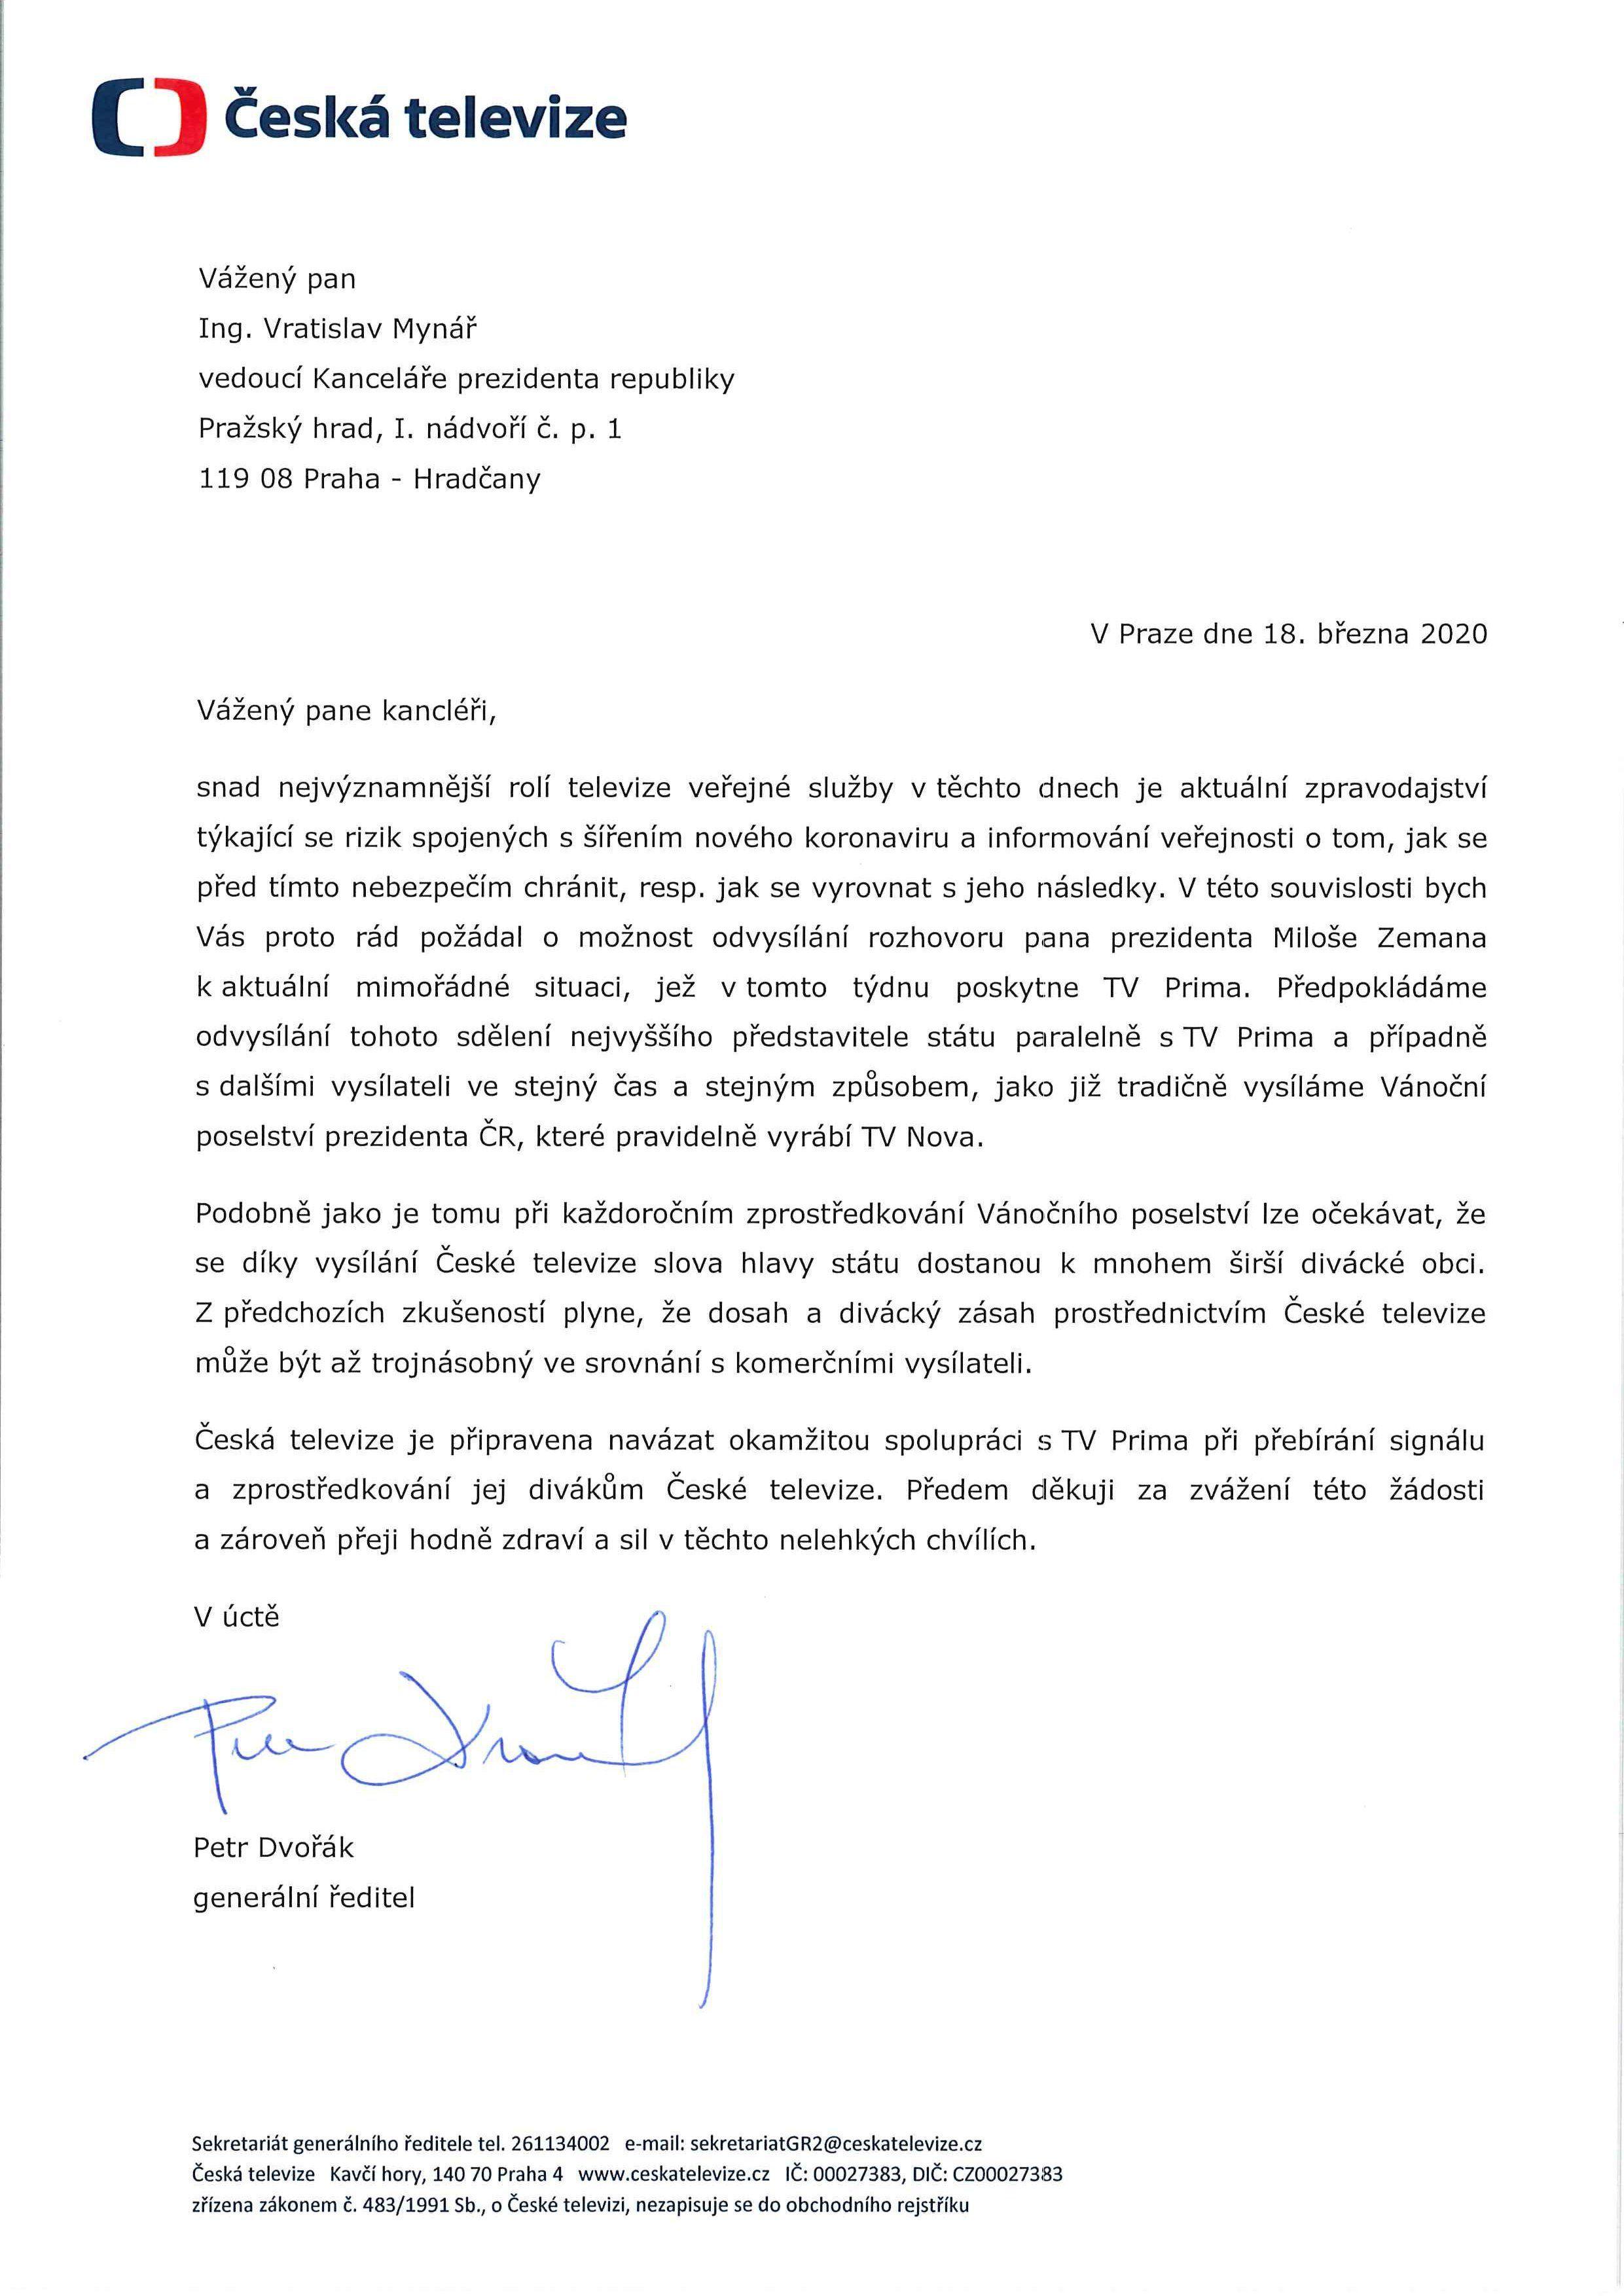 Prezident Miloš Zeman konečně promluví k národu